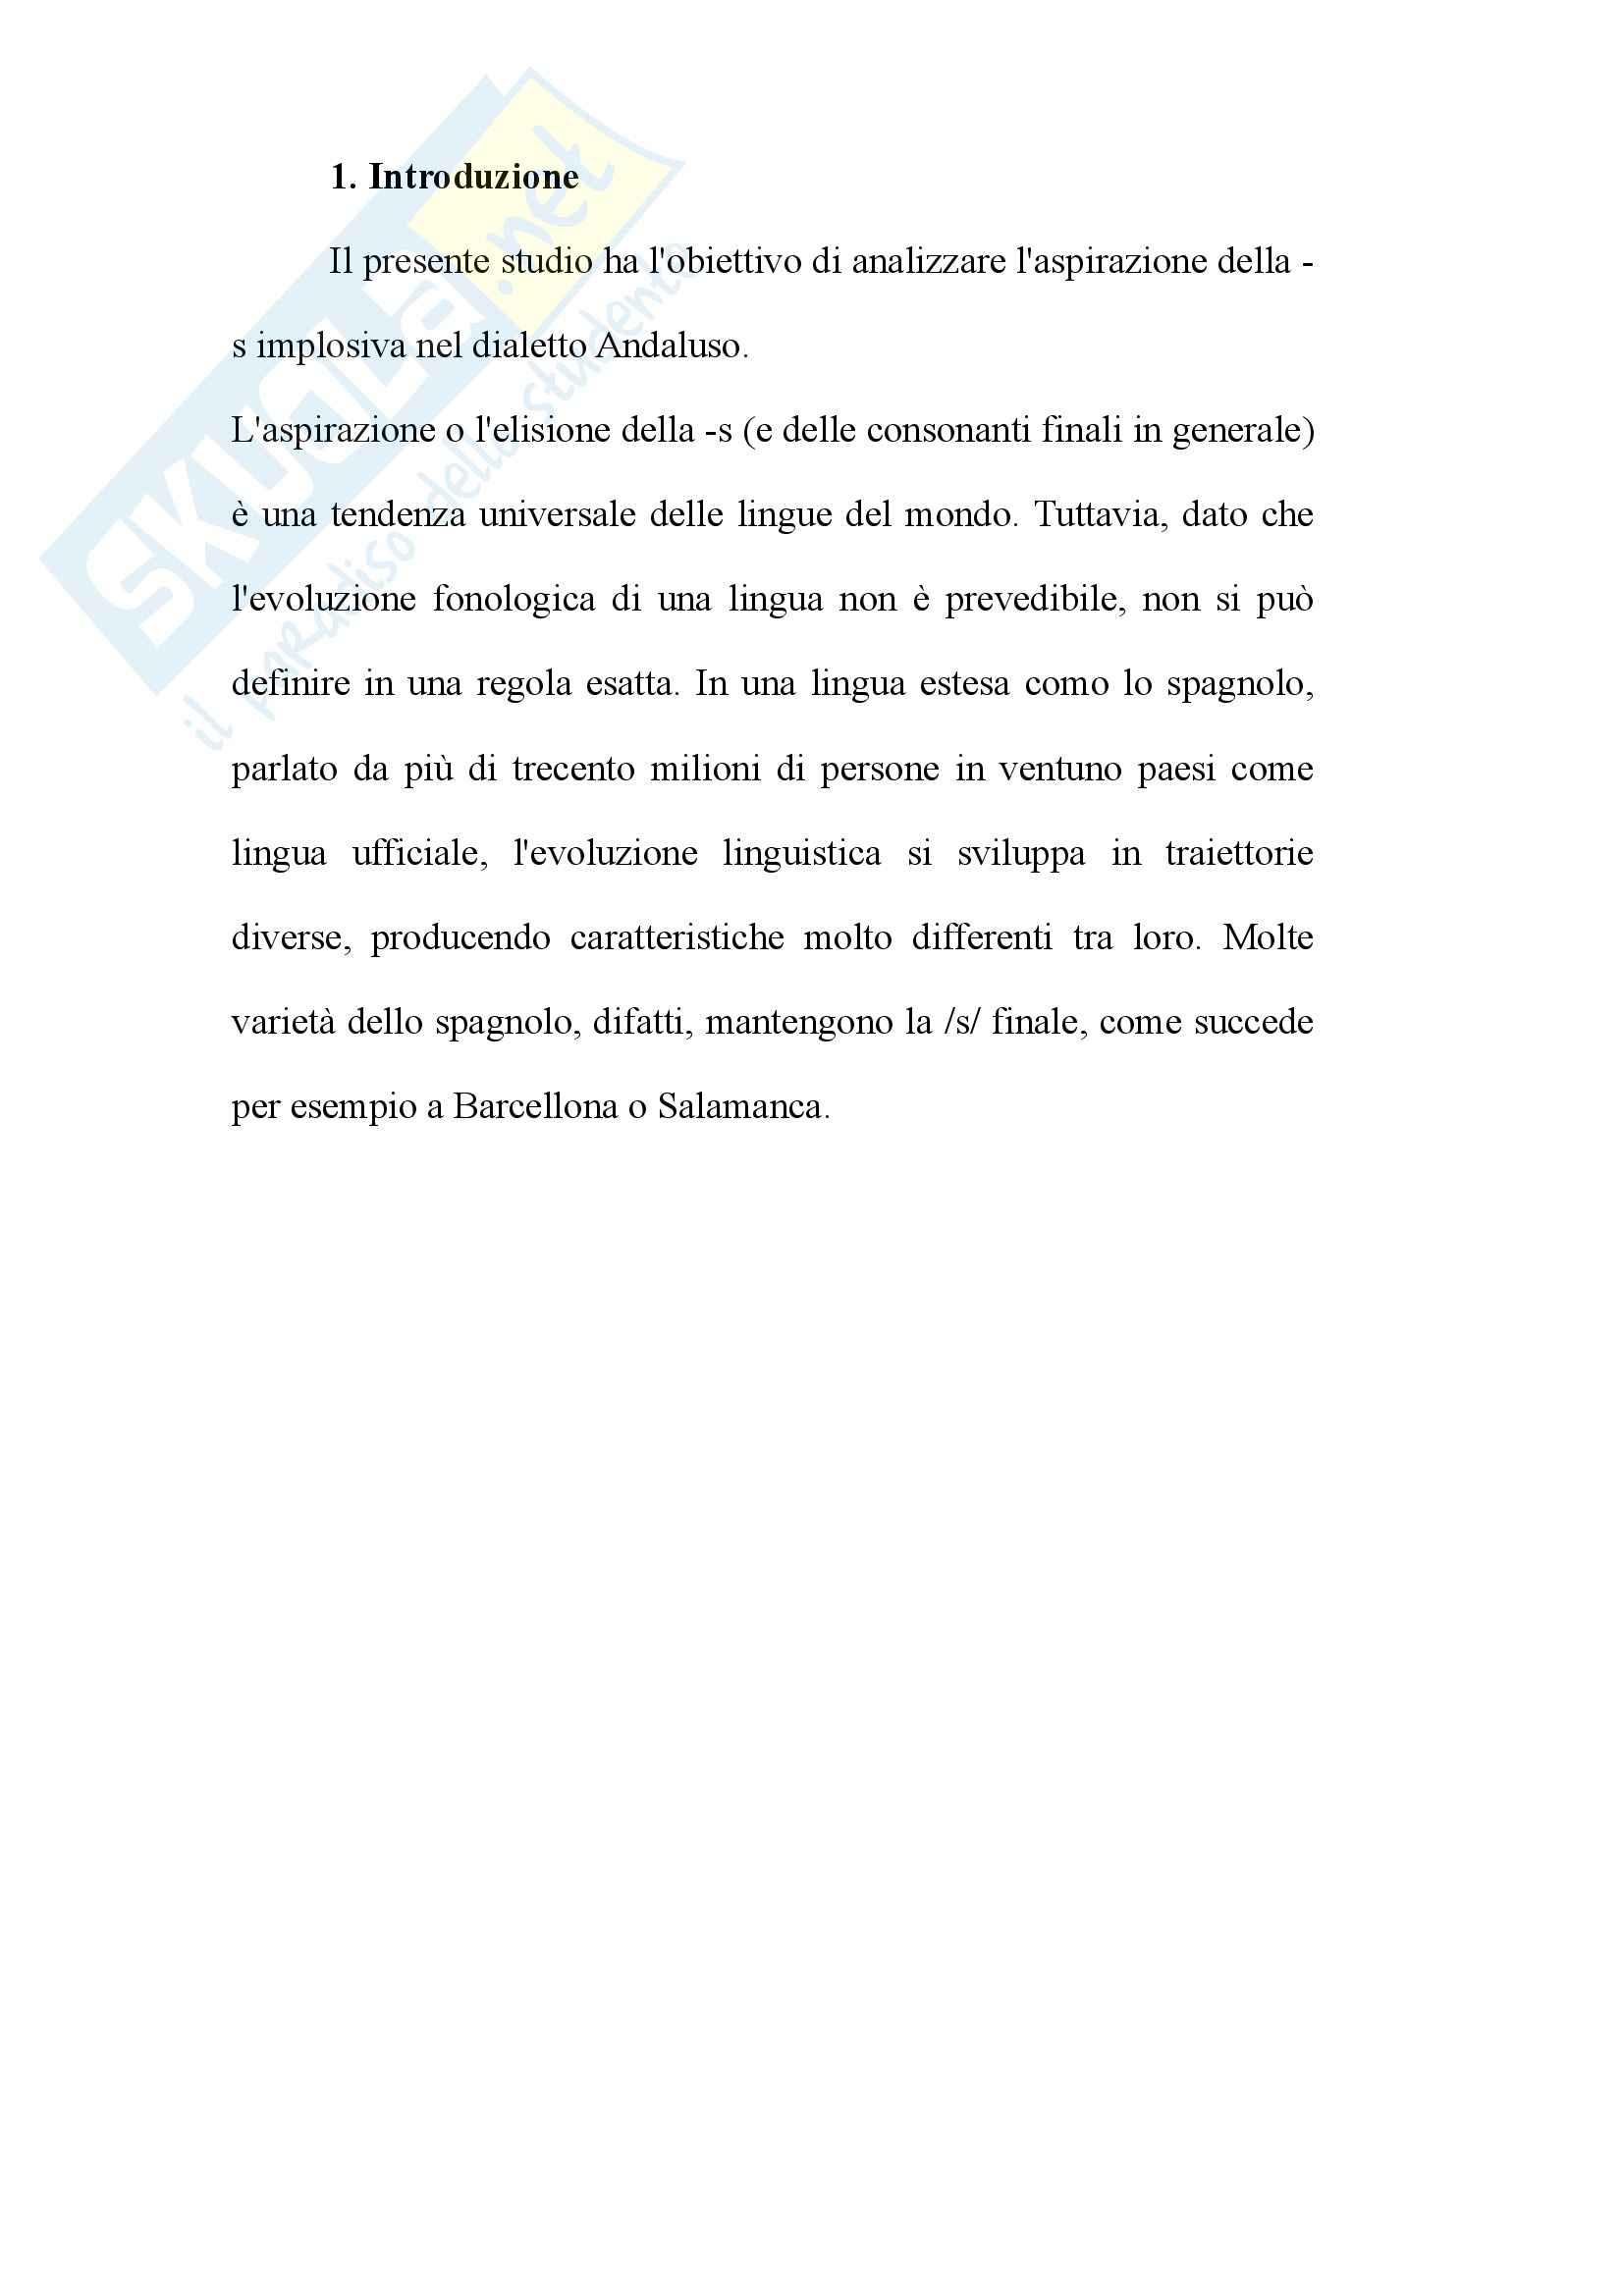 Tesi - L'aspirazione della -s implosiva nel dialetto Andaluso Pag. 2